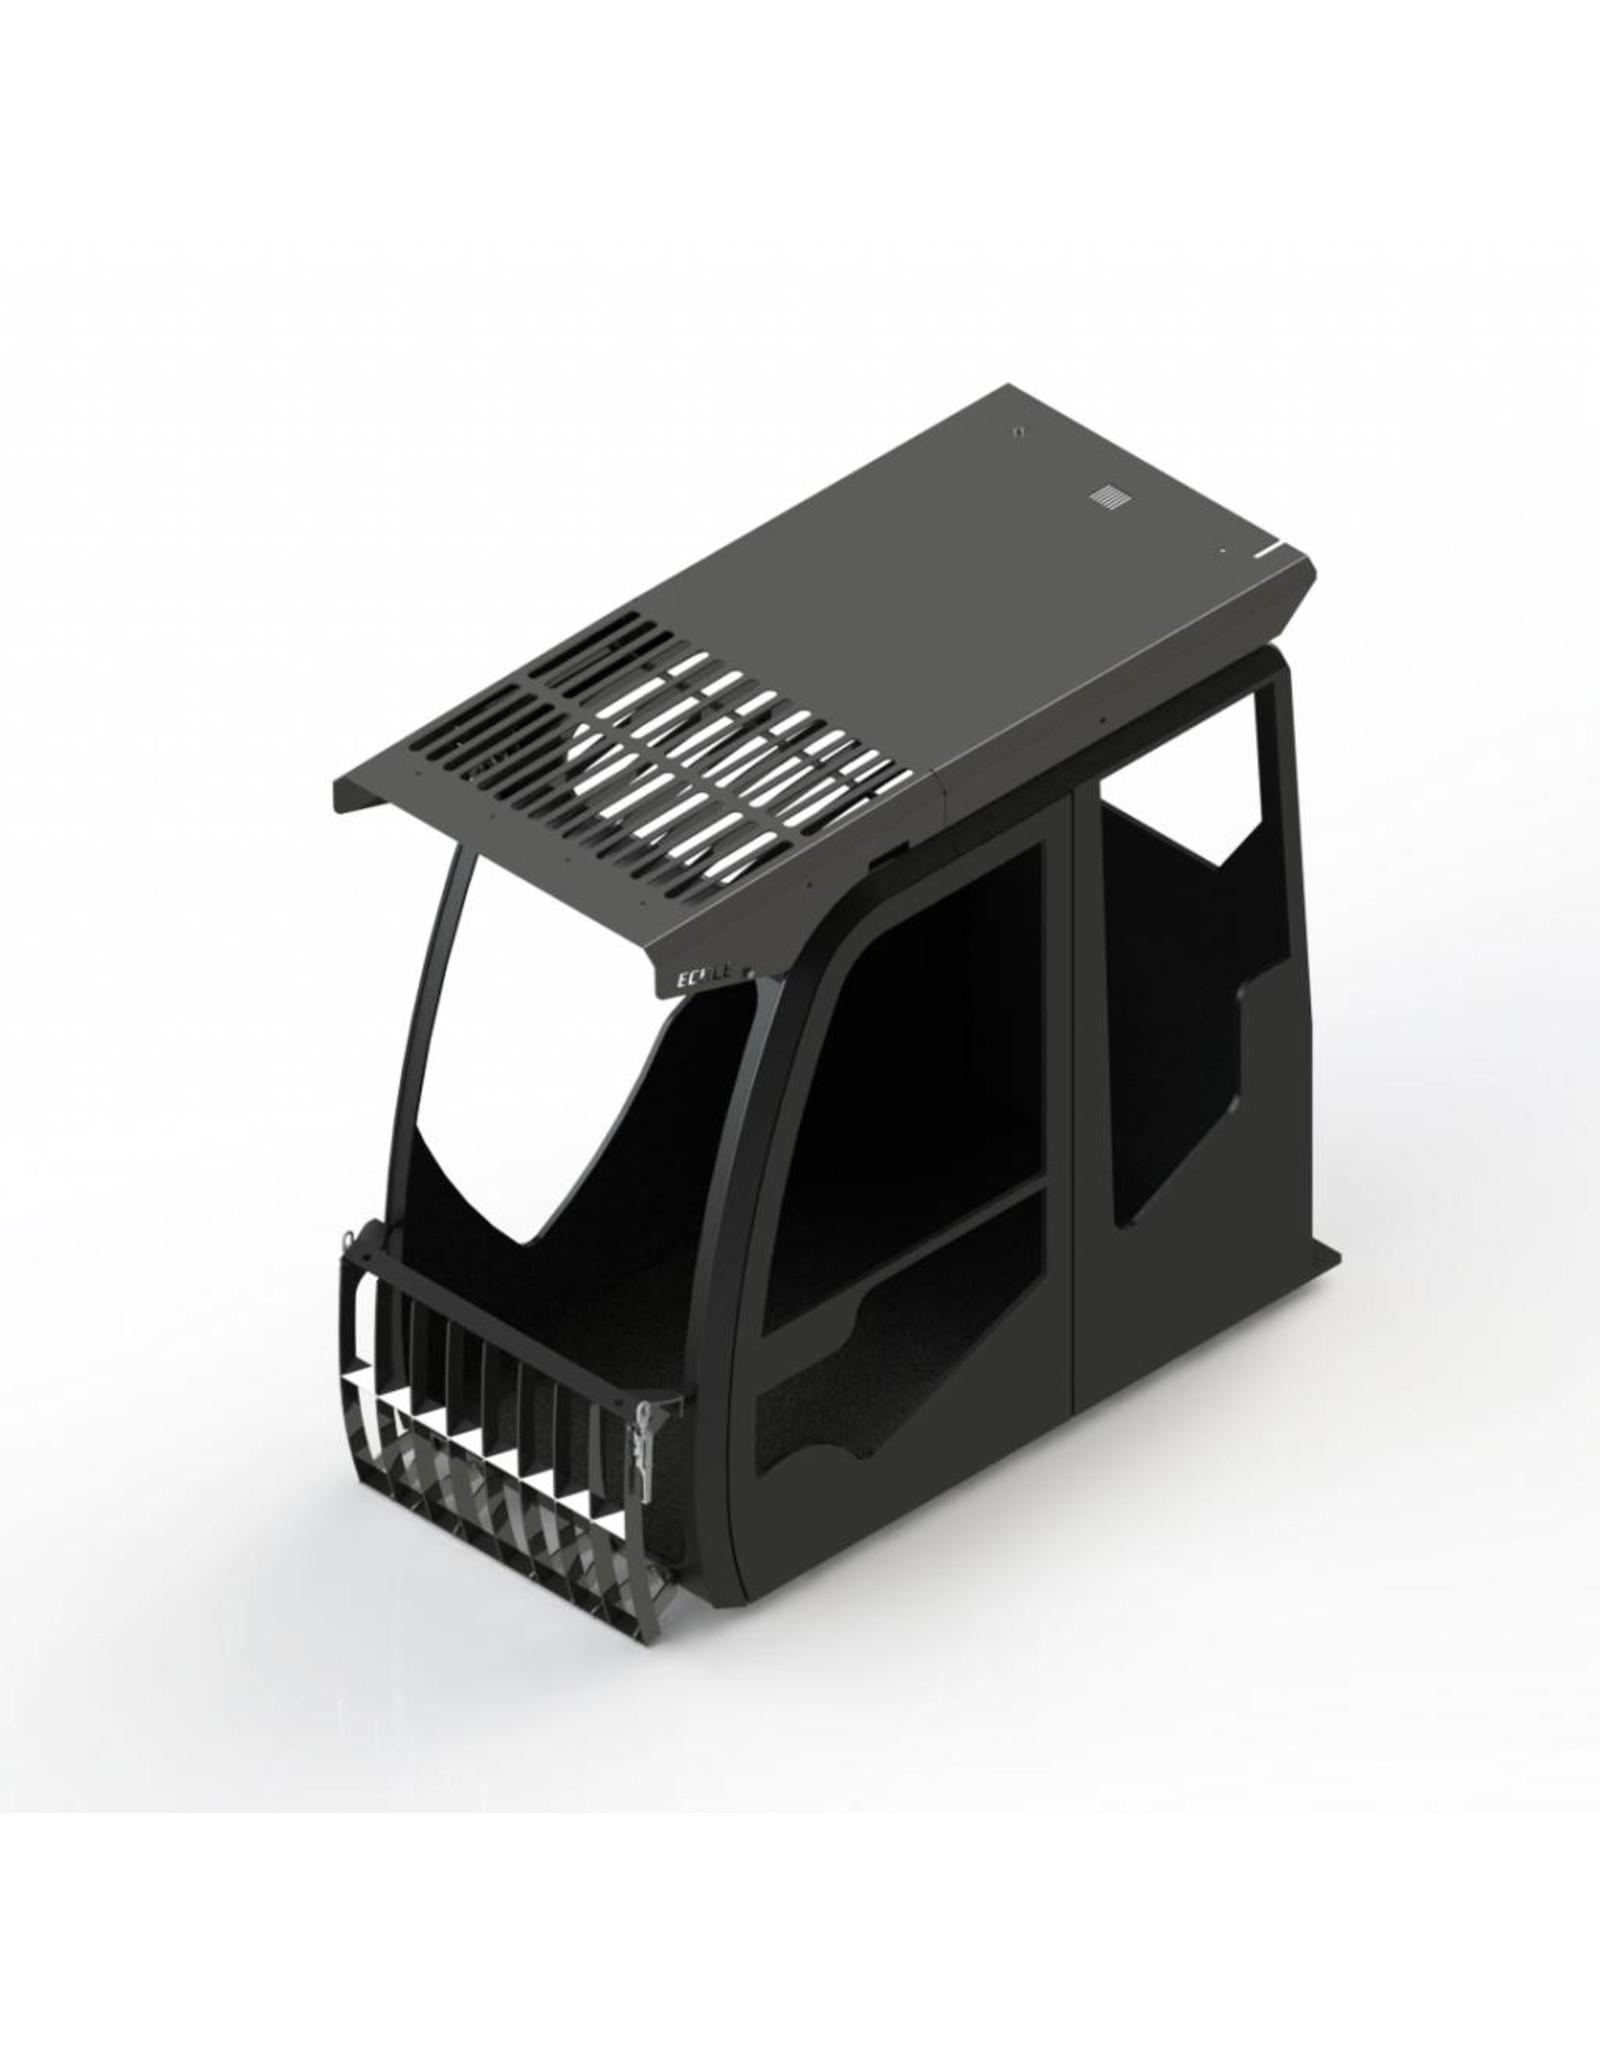 Echle Hartstahl GmbH FOPS pour Doosan DX140W-5